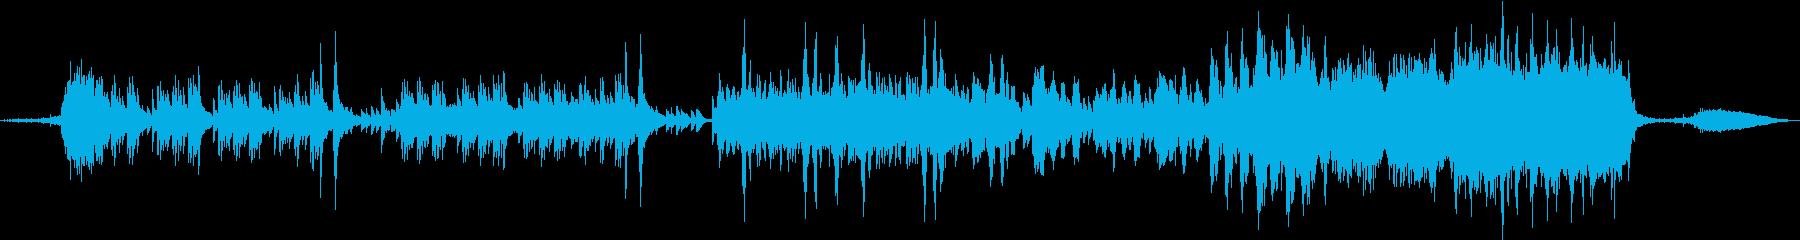 音仔(ねこ)たちの水(みず)球体の再生済みの波形